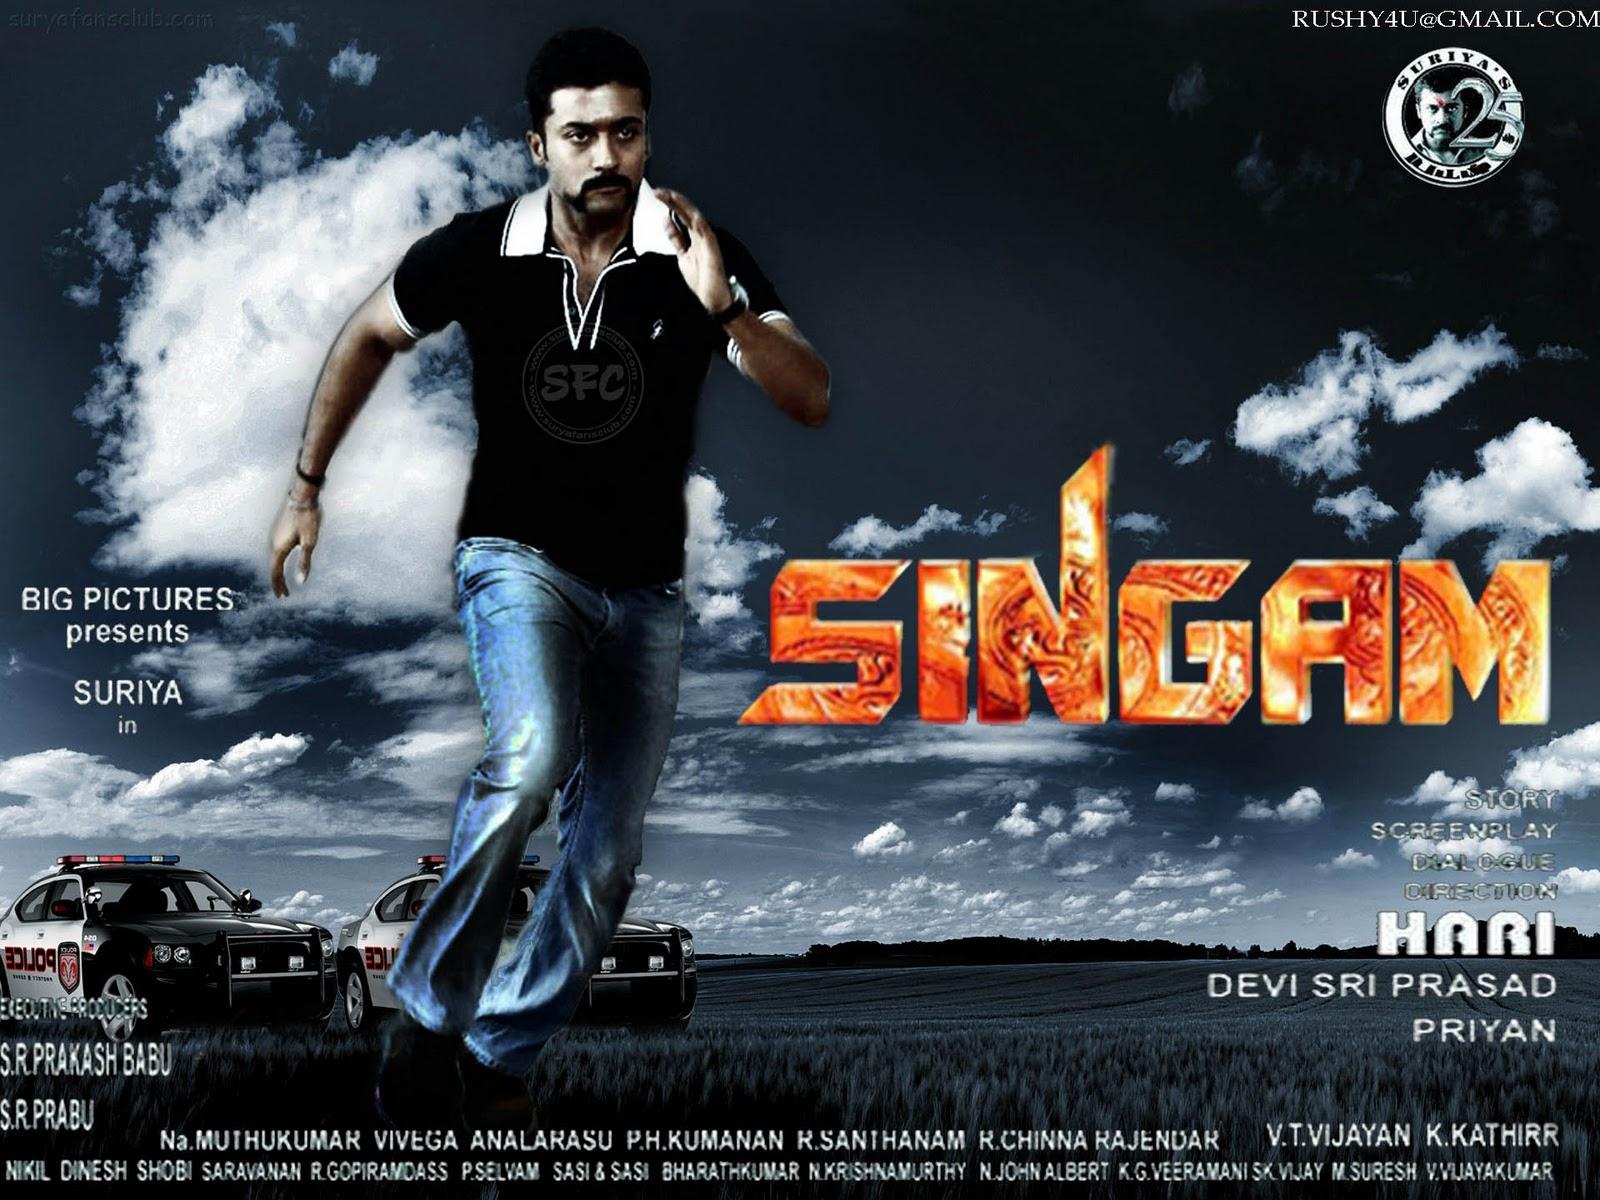 http://4.bp.blogspot.com/_DUoytmLlHeY/TT7HR3U_JTI/AAAAAAAAATM/a0h3mJaSGHk/s1600/singam-wallpaper1.jpg